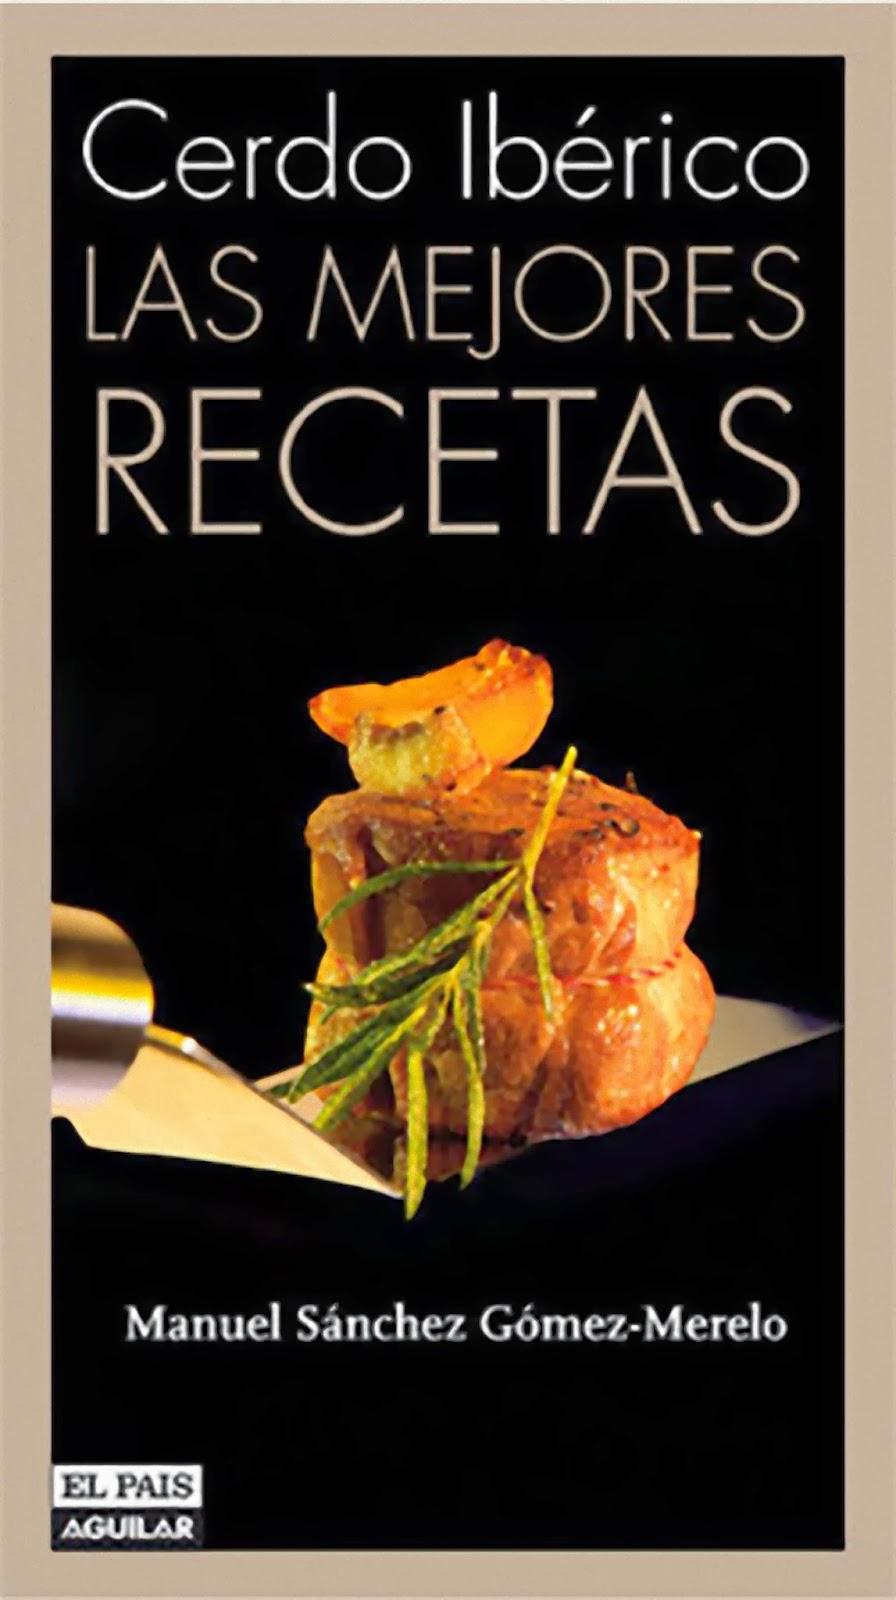 Gastrópodos - Magazine cover